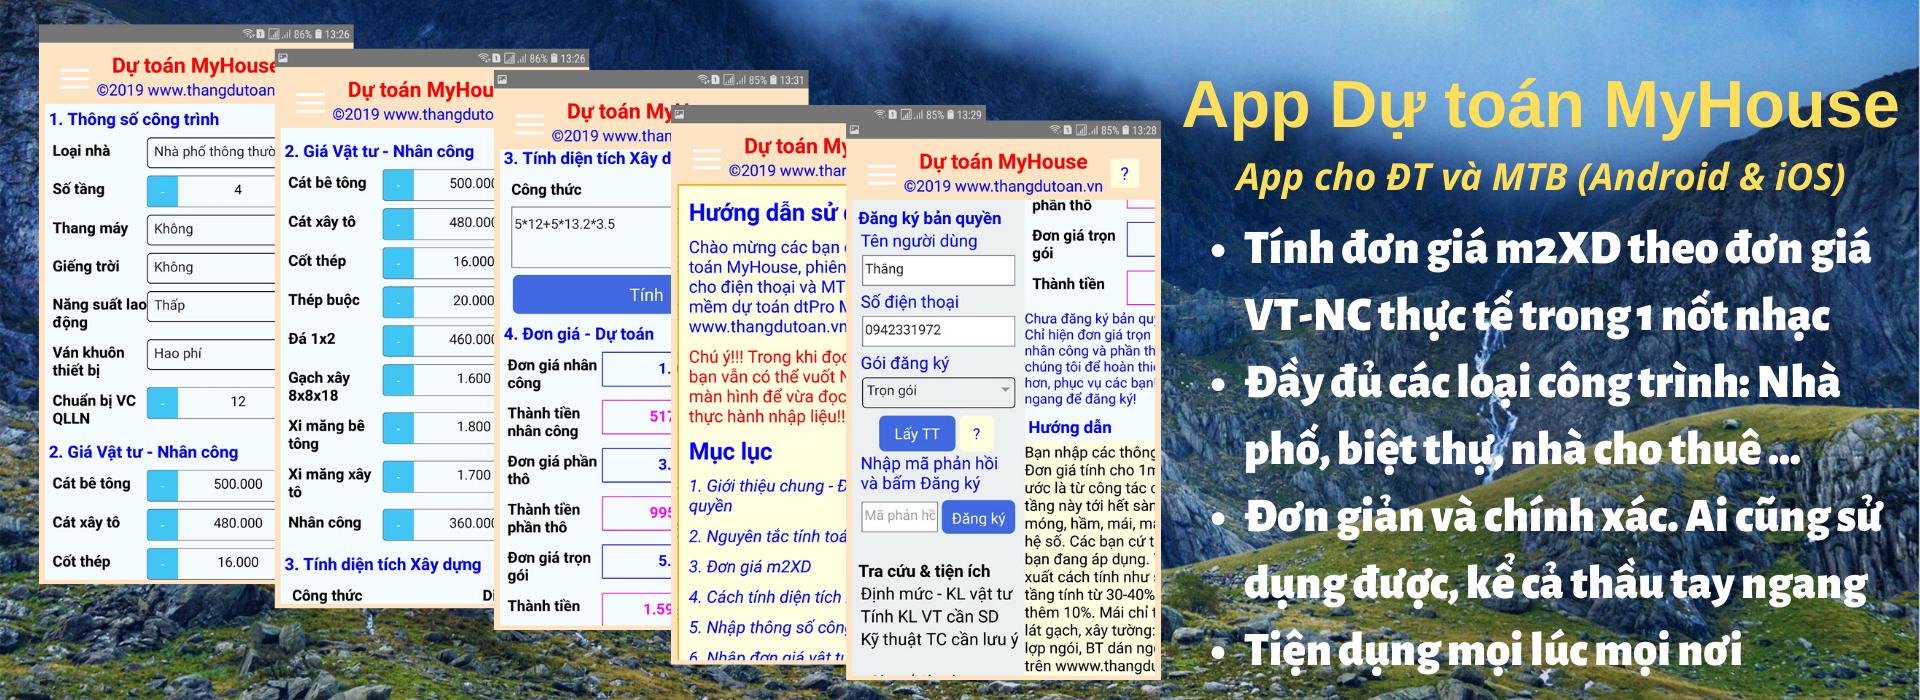 App Dự toán MyHouse